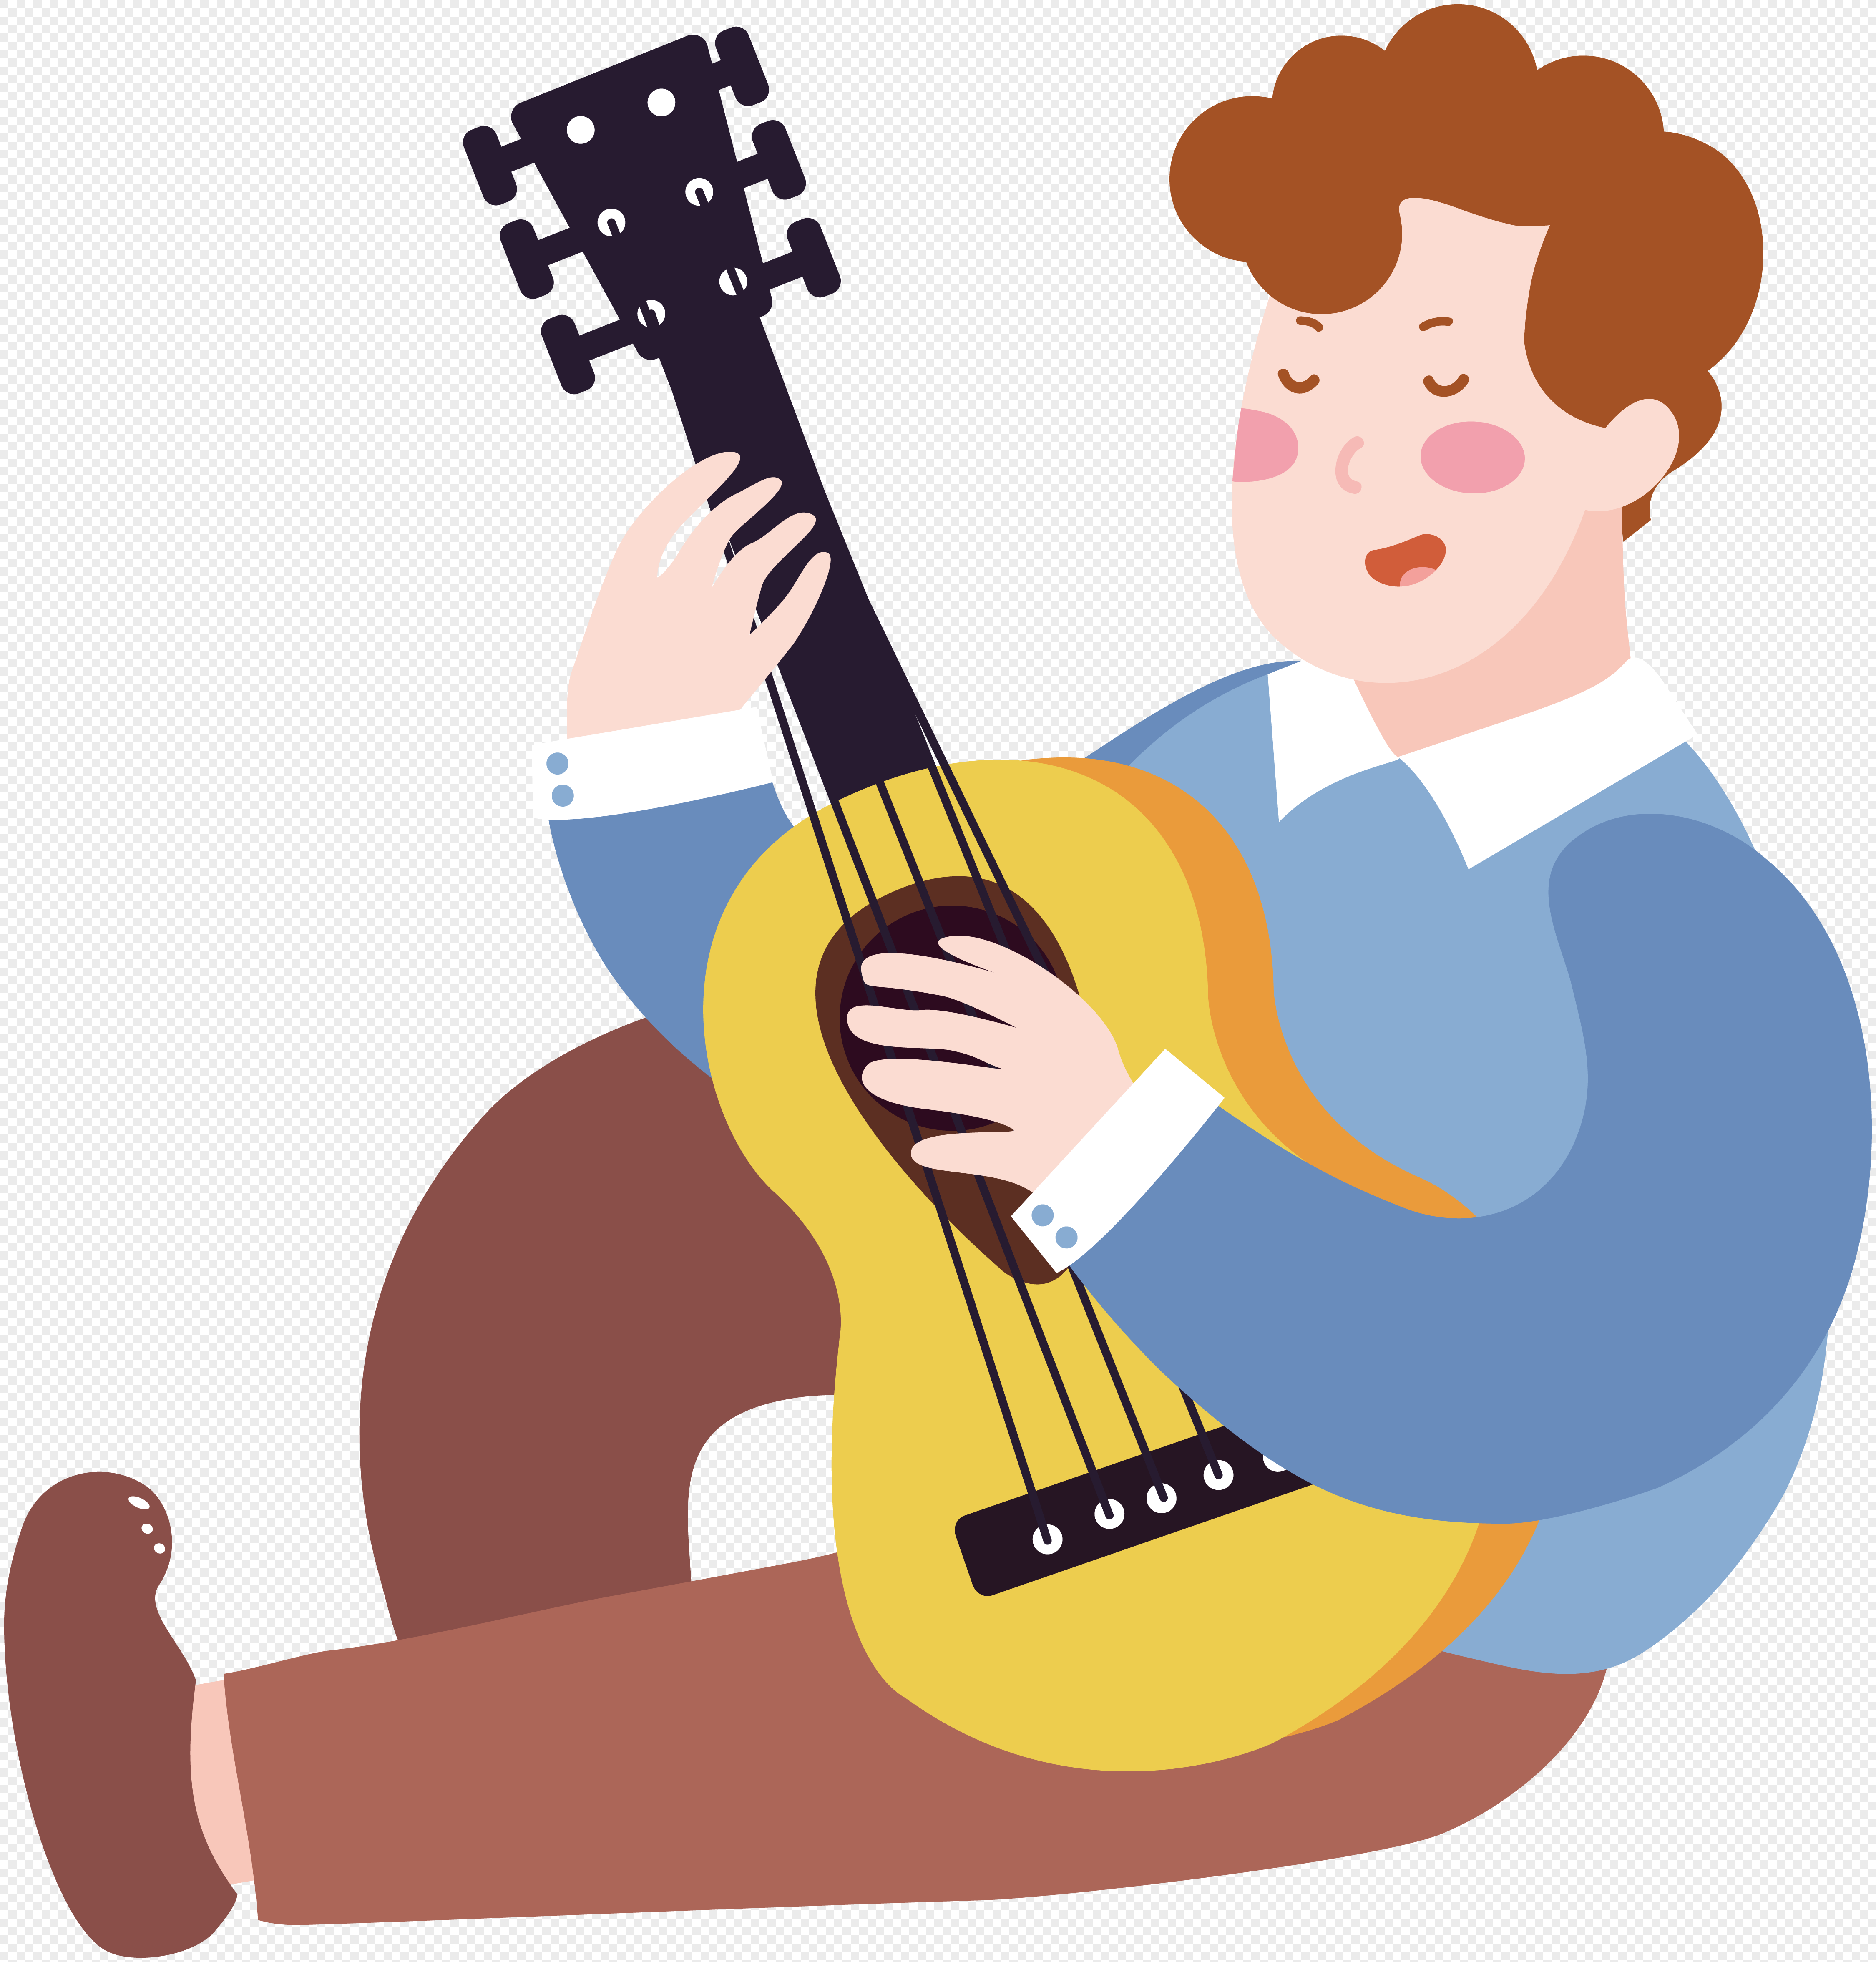 图片 素材 手绘/卡通元素 卡通弹吉他人物.